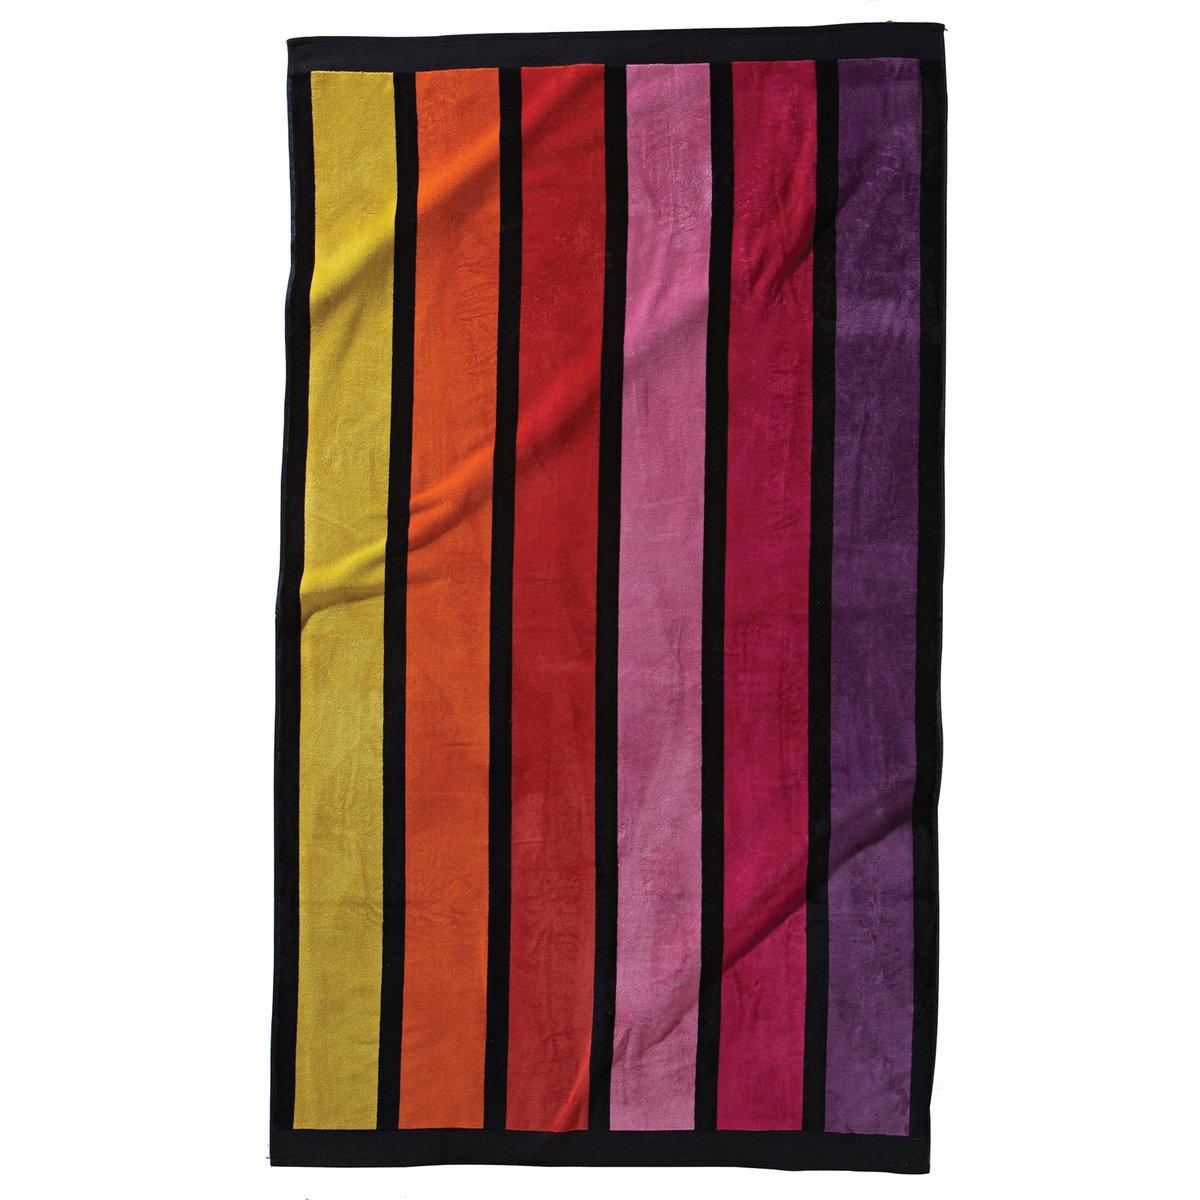 Полотенце пляжное в вертикальную полоскуПляжное полотенце из махровой ткани и велюра в полоску, 100% хлопка. 1 сторона из велюра, 1 сторона из махровой ткани. 470 г/м?. Размер: 100 x 175 см. Стирка при 40°.<br><br>Цвет: розовый